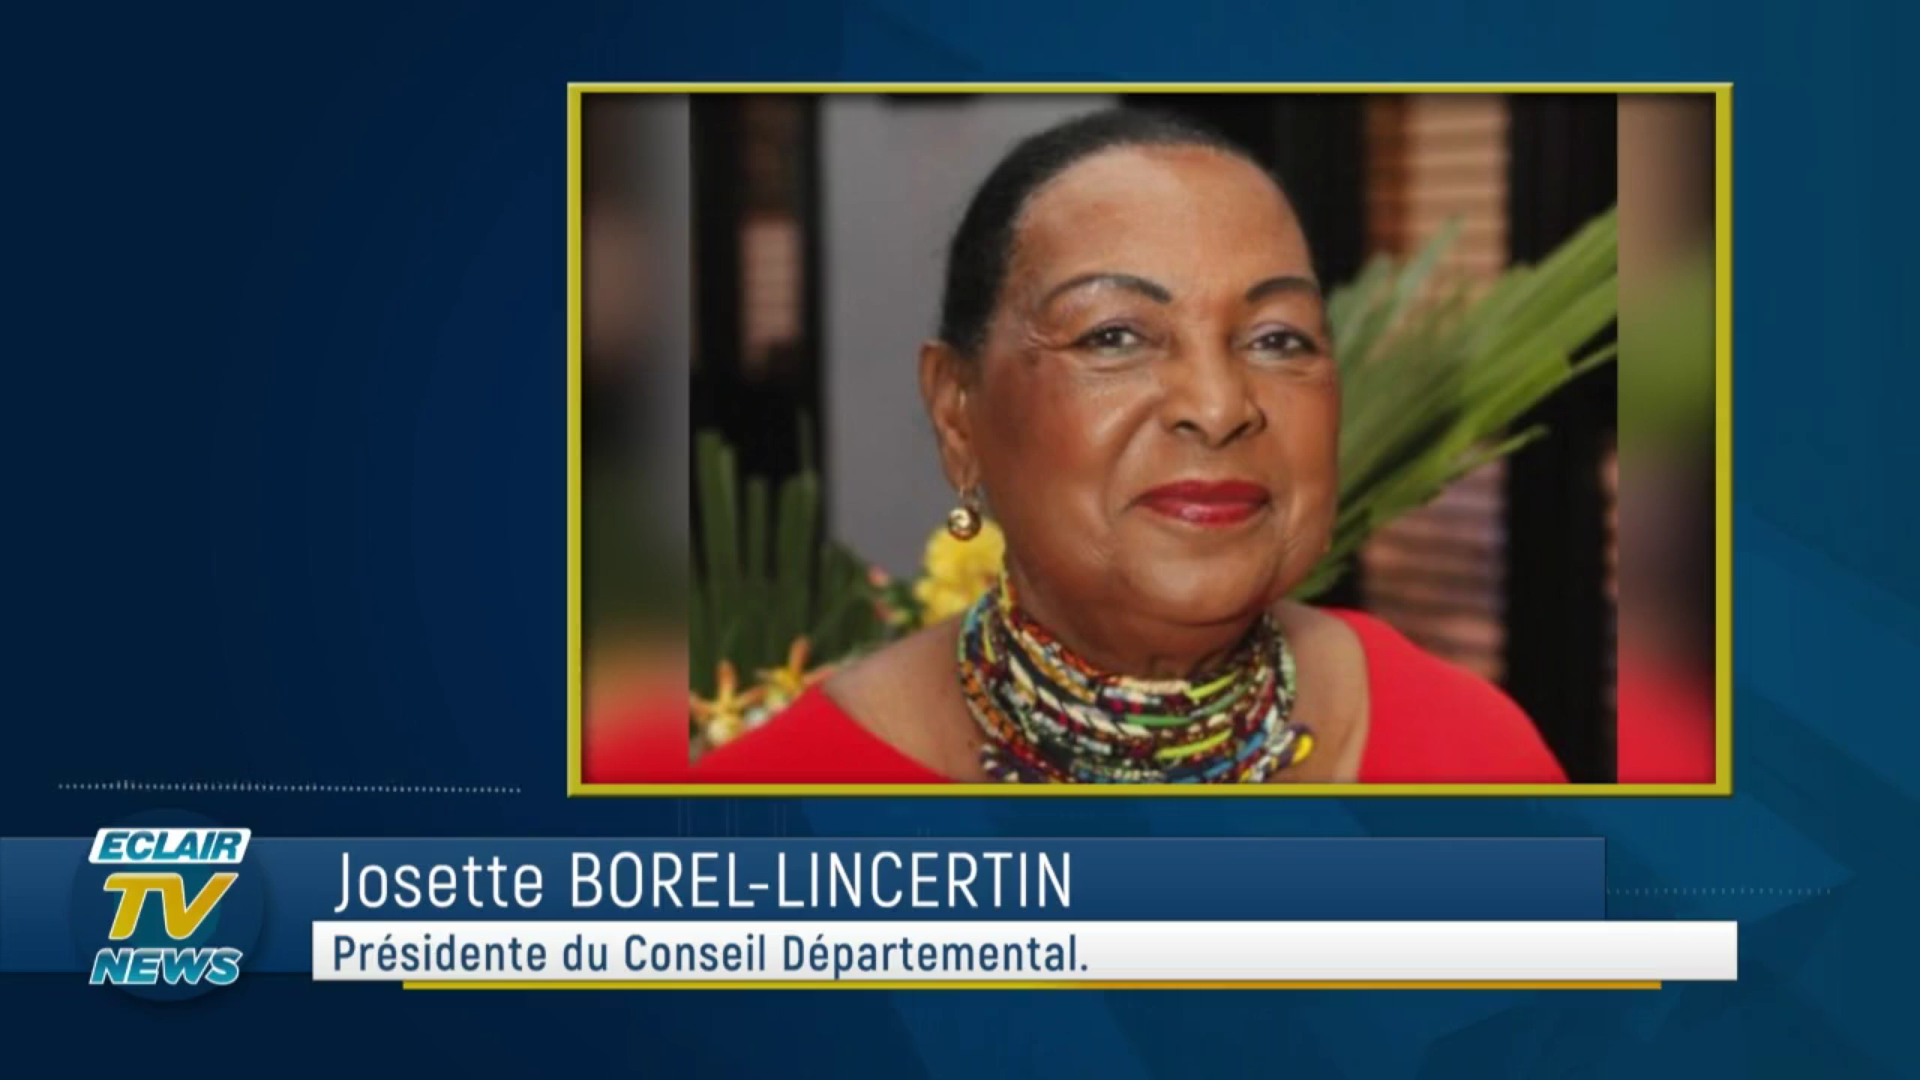 [Vidéo] Onews Guadeloupe. Blocage des axes routiers. Réaction de commerçants et de Josette BOREL LINCERTIN Présidente du conseil Départemental (ECLAIRTV°